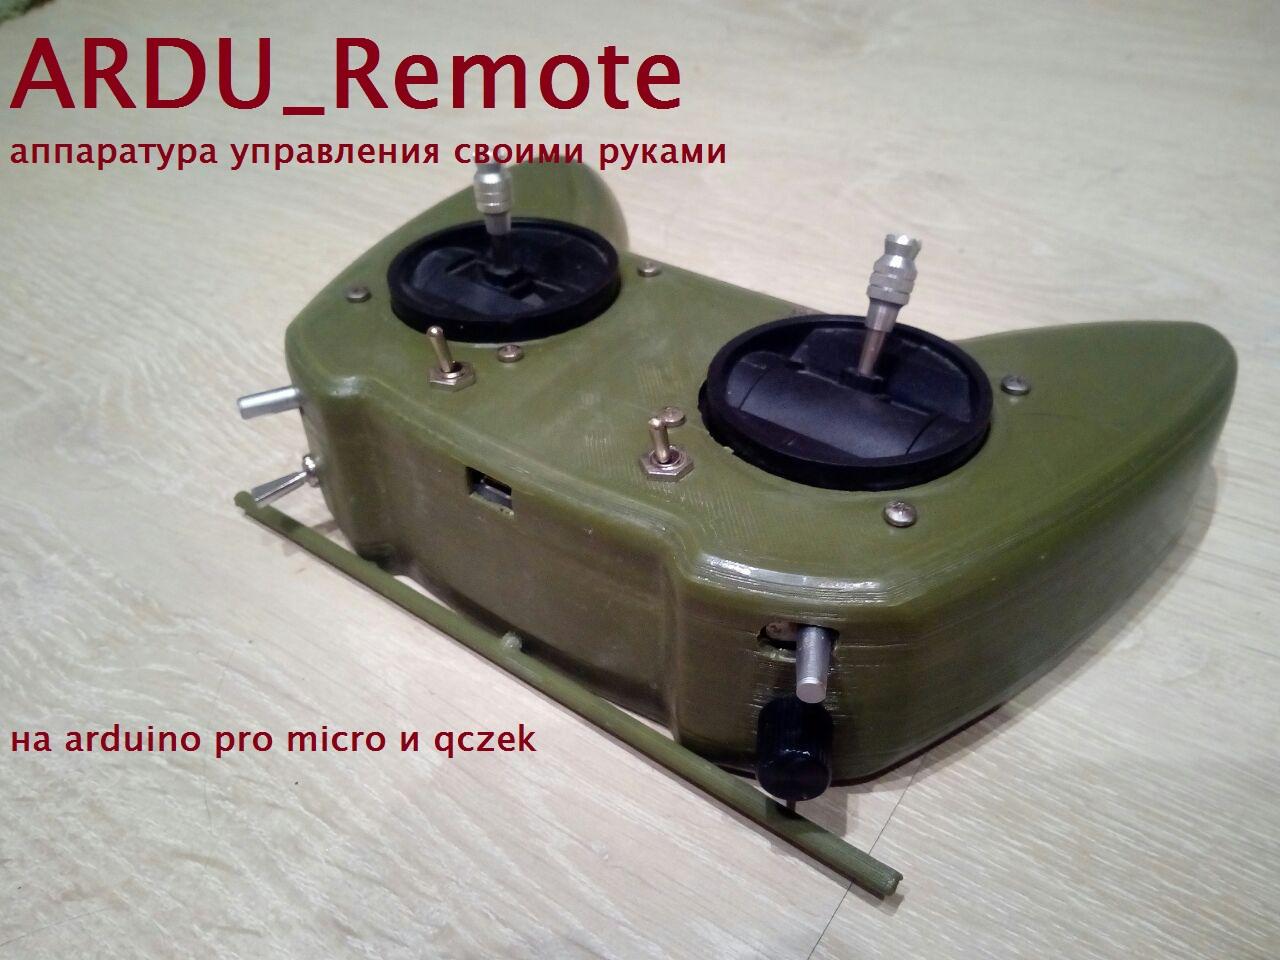 ARDU Remote очень простая и дешёвая аппаратура управления своими руками